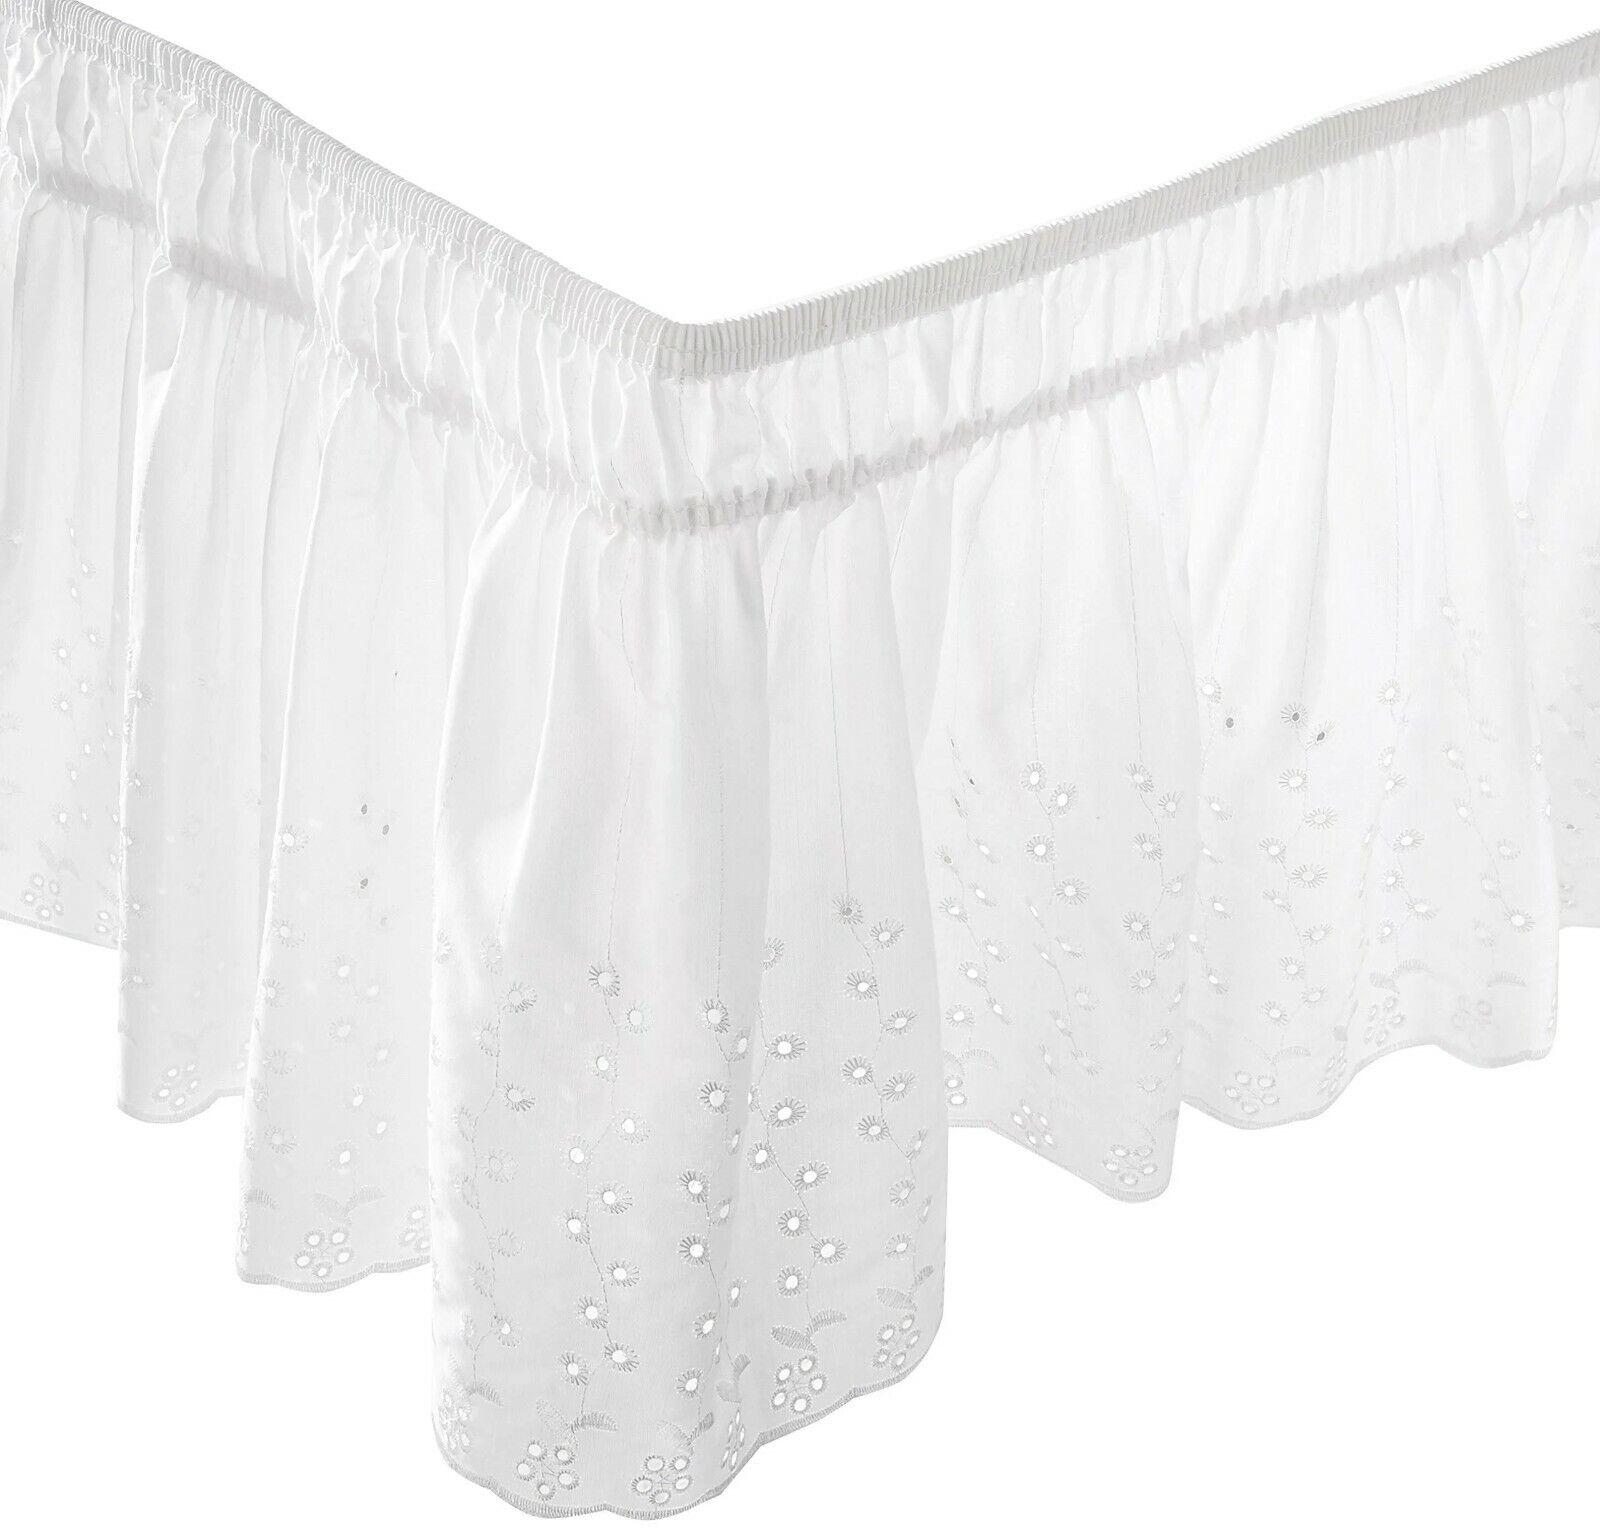 Eyelet WrapAround Bed Skirt 14″ Twin – White poly/cotton Bedding Wrap Around NEW Bed Skirts